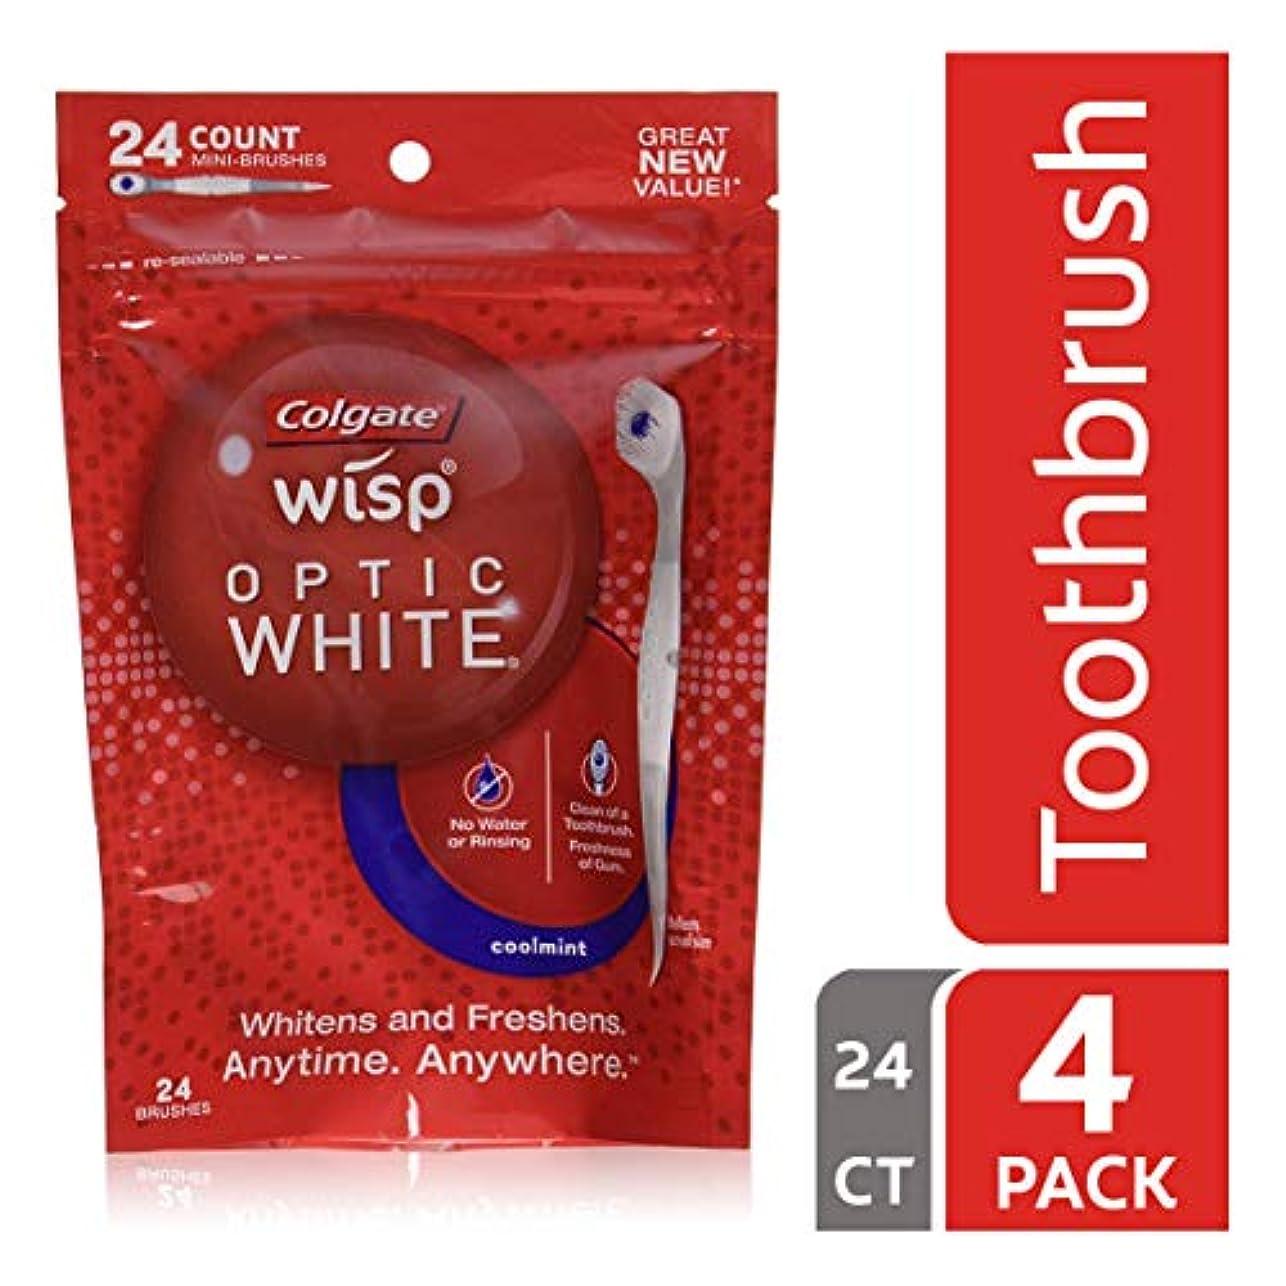 周りリビングルーム家族コルゲート ポータブルミニ歯ブラシ オプティックホワイト、クールミント 24カウント (4袋 (24x4 ミニブラシ))